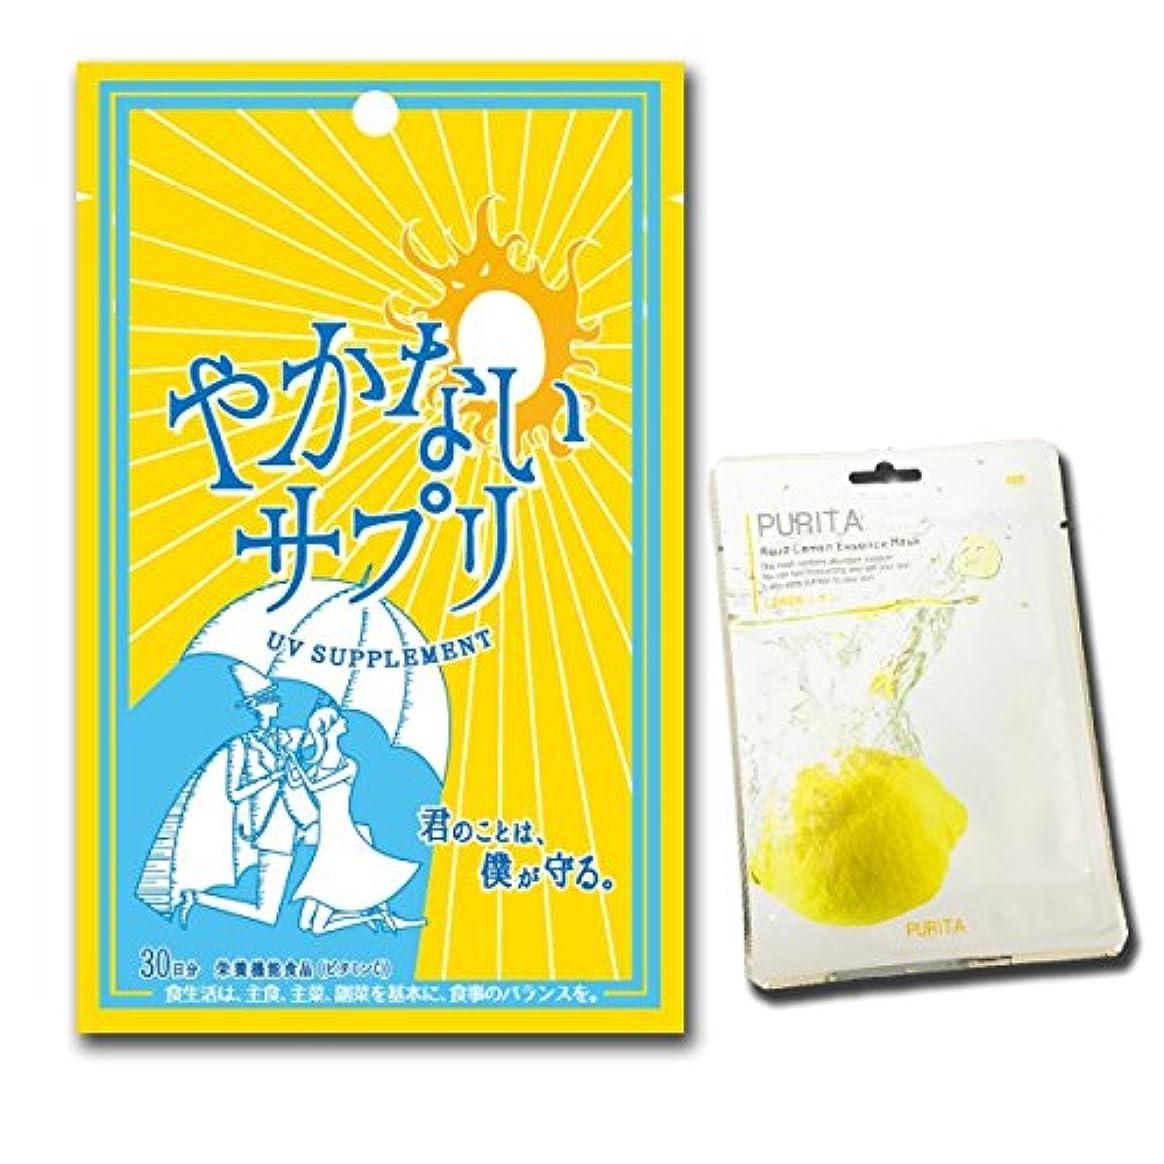 花瓶光沢吸収剤飲む日焼け止め やかないサプリ 日本製 (30粒/30日分) PURITAフェイスマスク1枚付